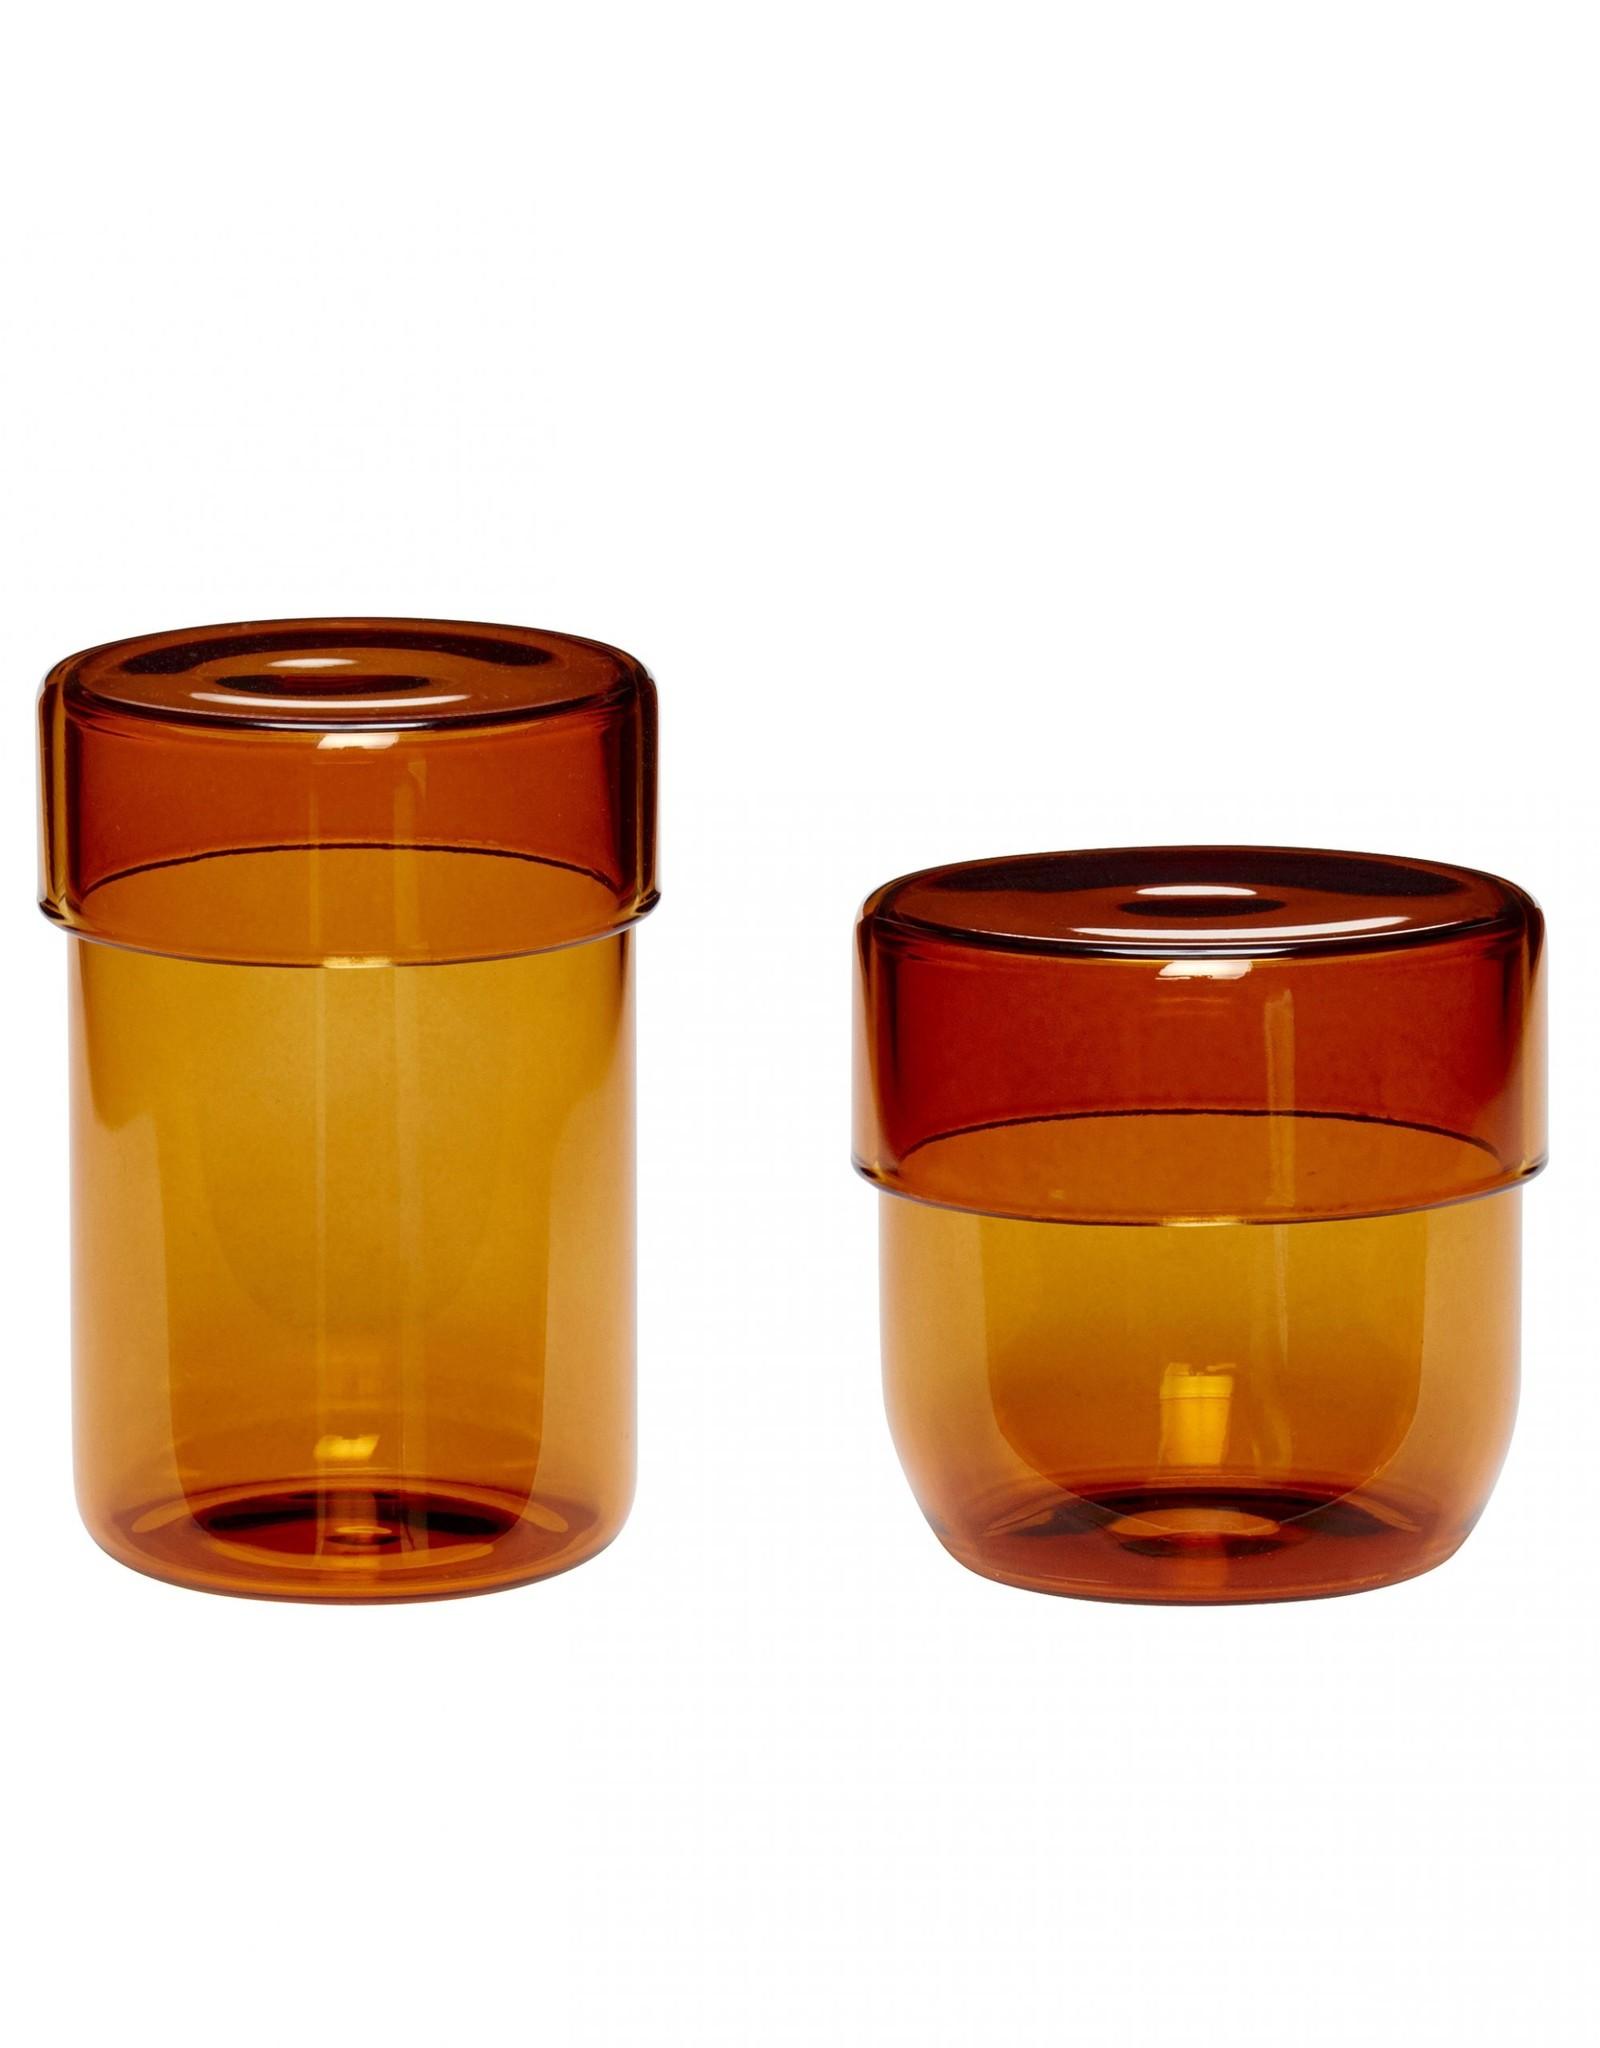 Hübsch Jar small Amber (set of 2)